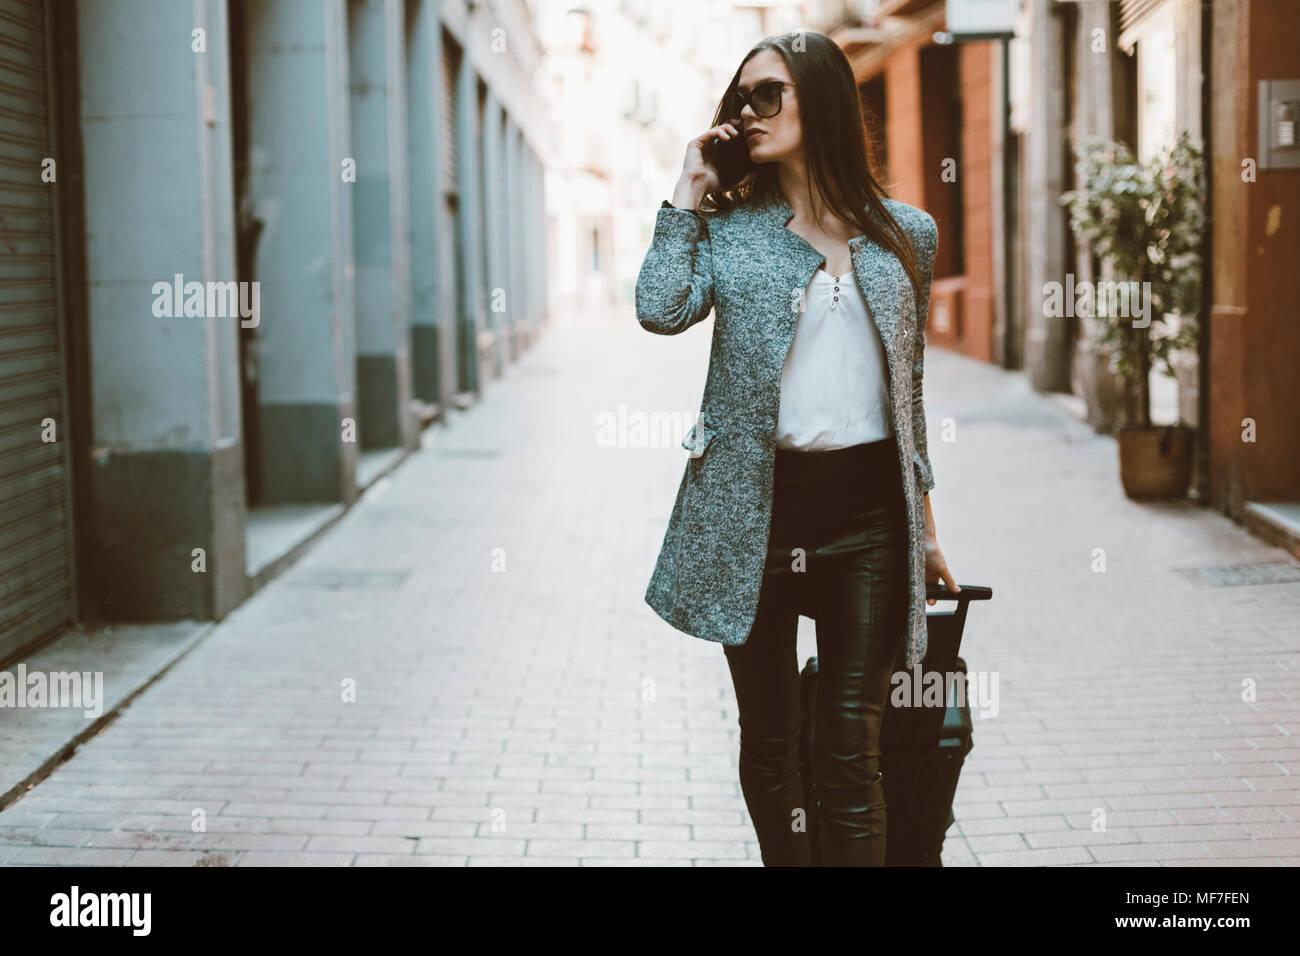 Tourisme des jeunes au téléphone dans la rue Photo Stock